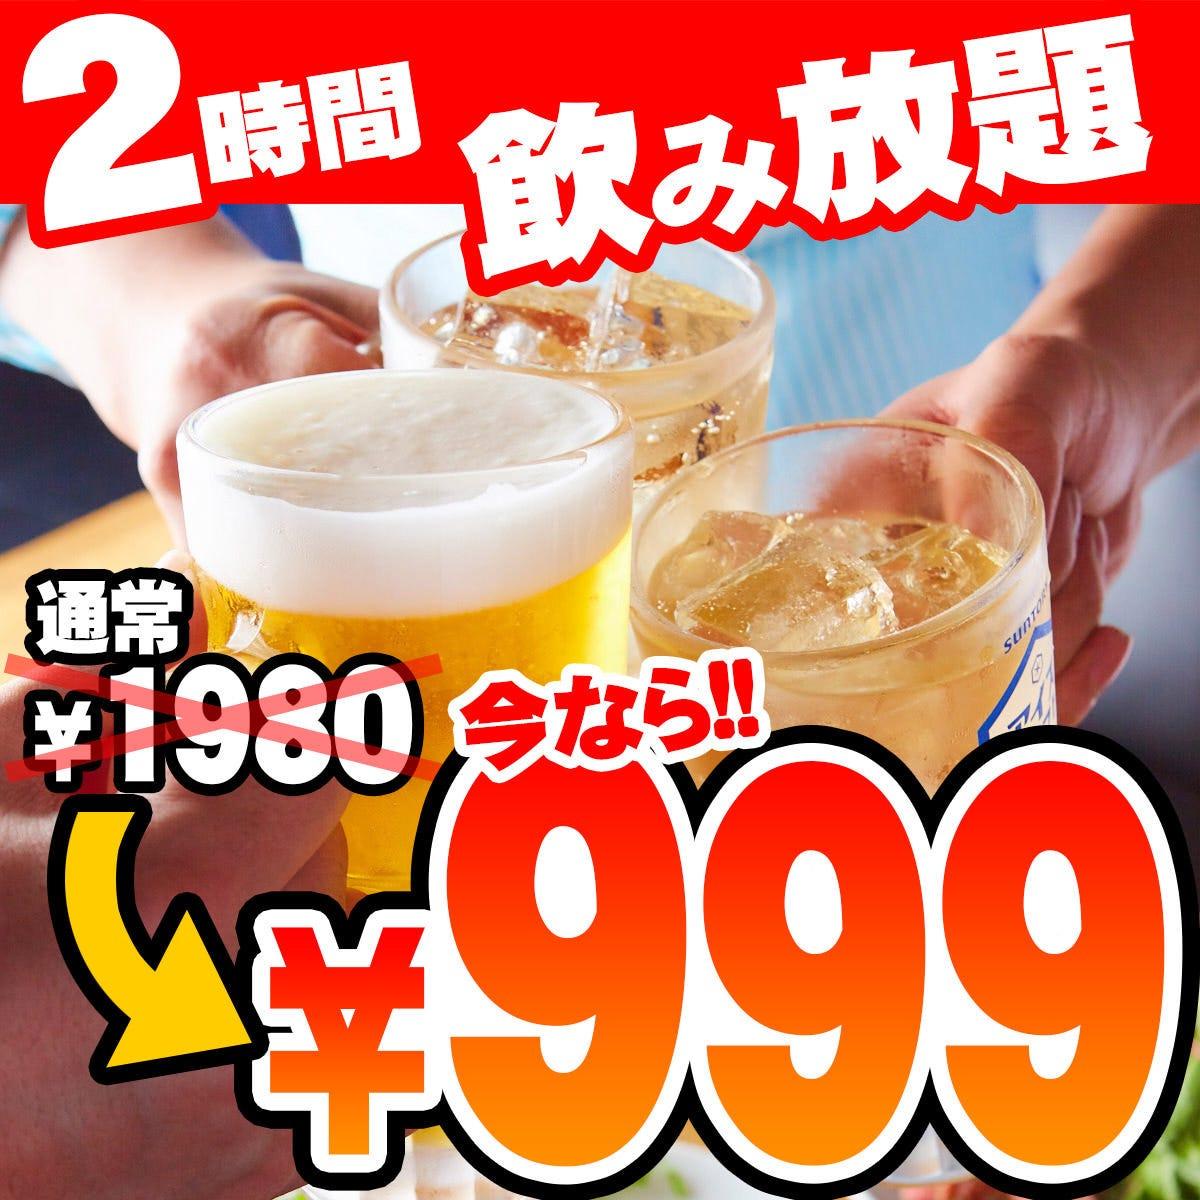 【期間限定】2時間単品飲み放題1,980円⇒999円